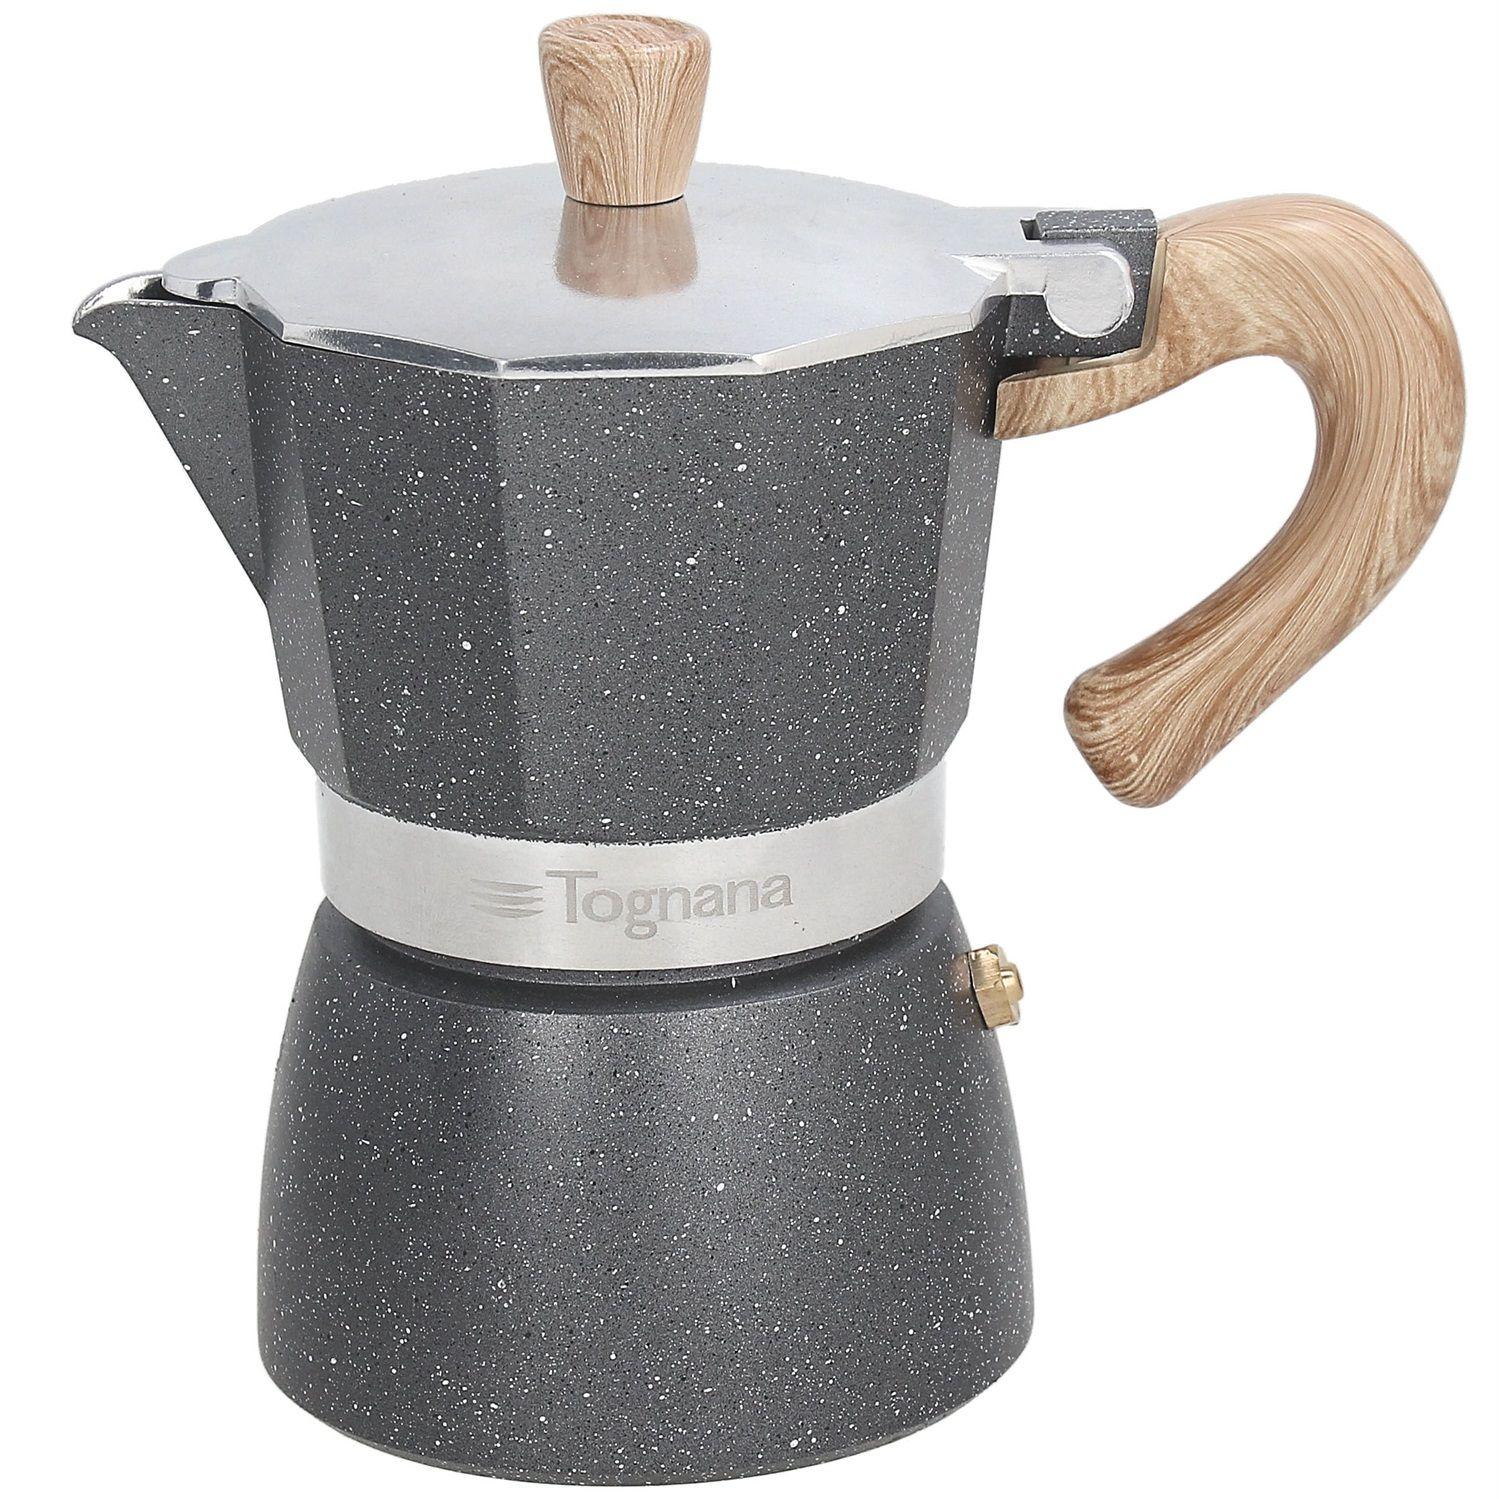 Tognana Stone&Wood caffettiera grigio marmorizzato